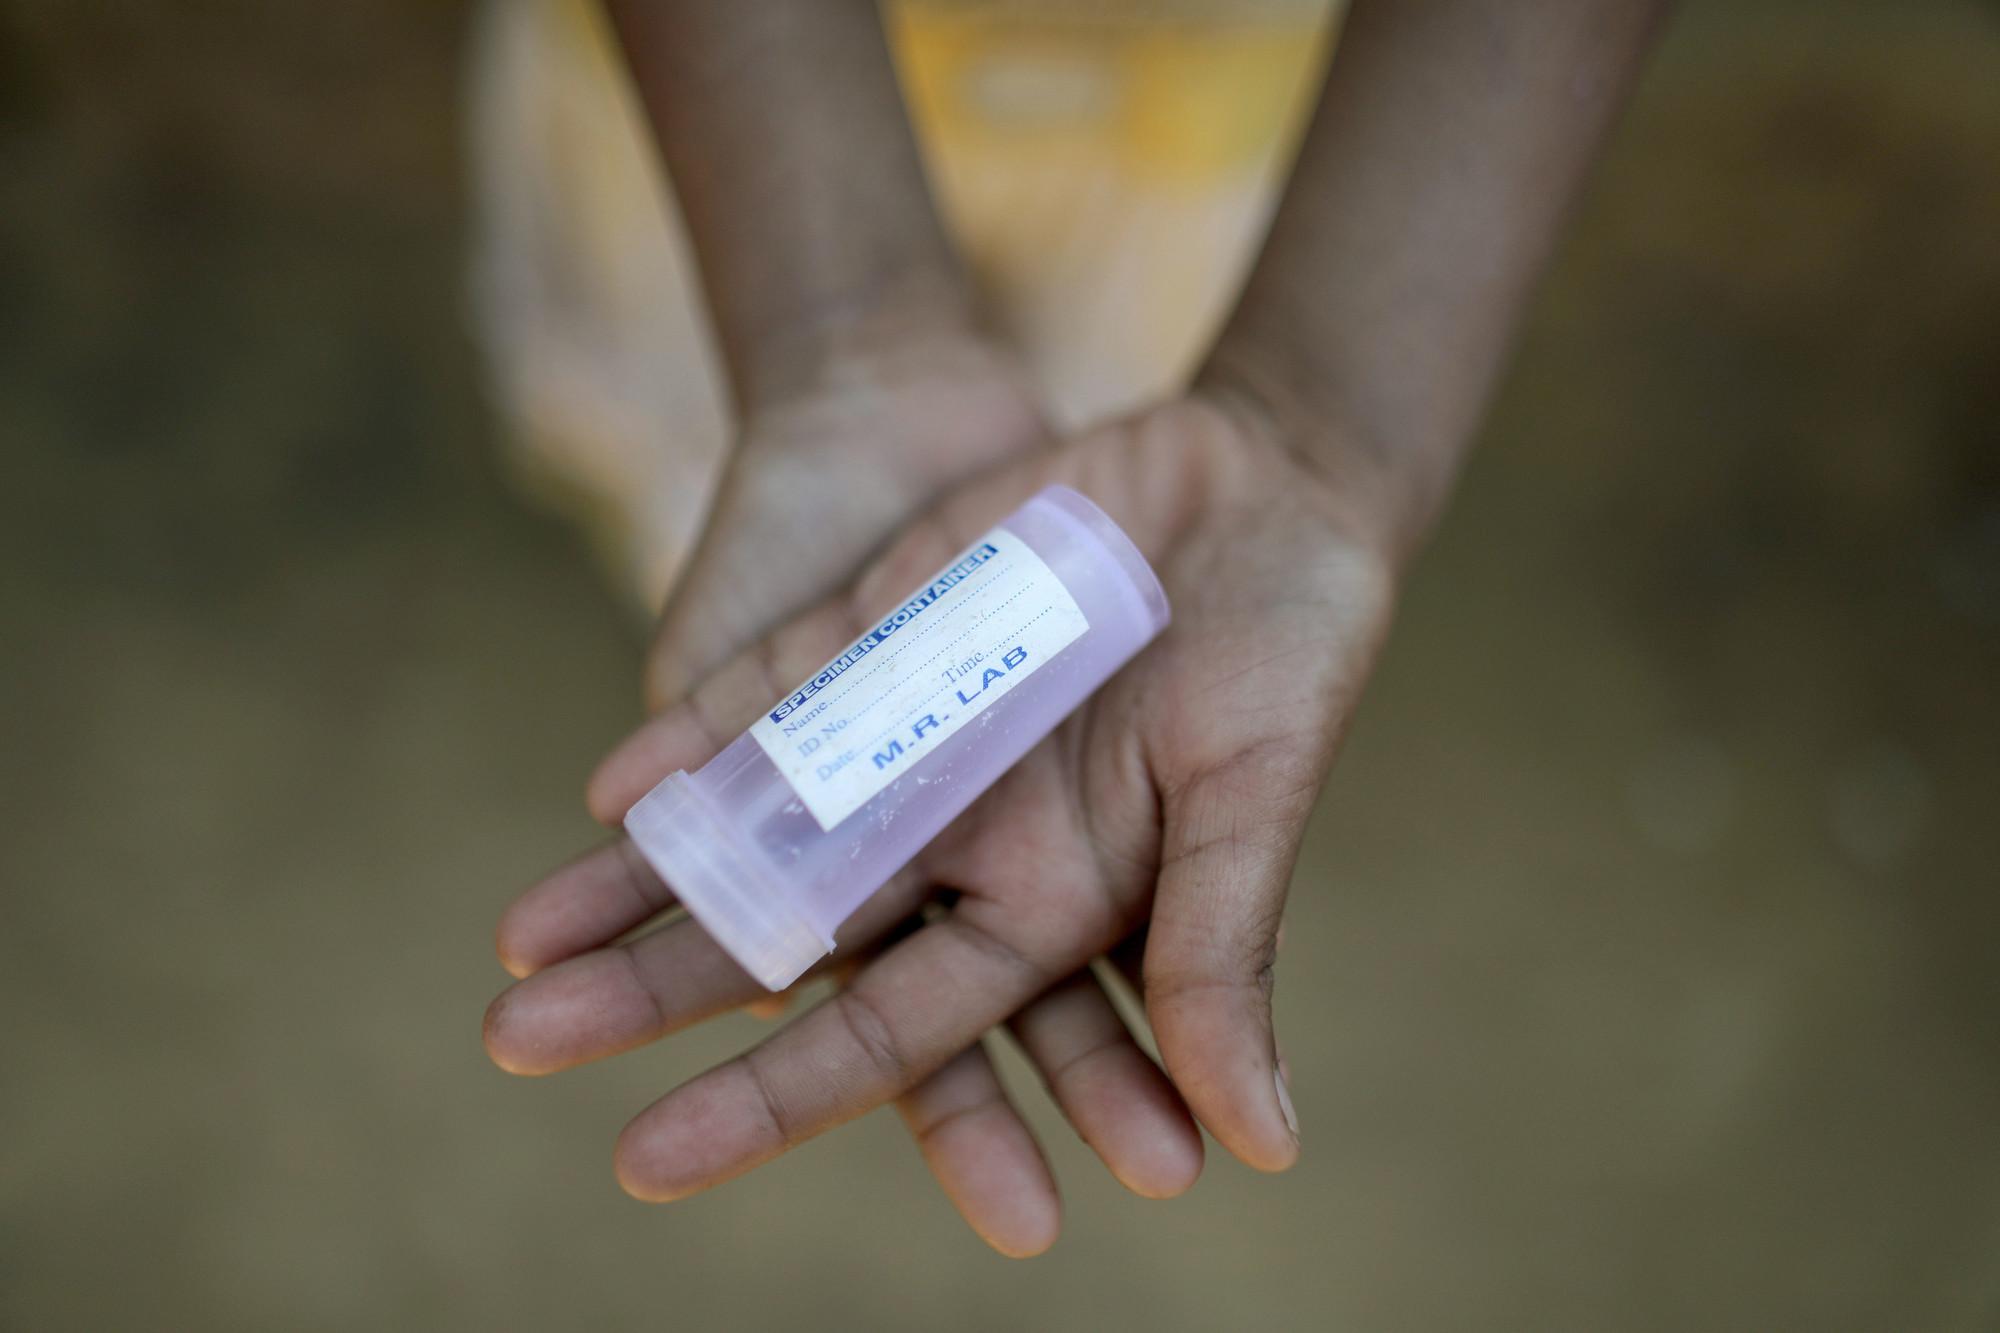 Rokhaida, de 8 años, lleva un contenedor médico vacío. En el campamento de Bangladesh, muchos de los refugiados rohingya están enfermos y necesitan desesperadamente servicios médicos.